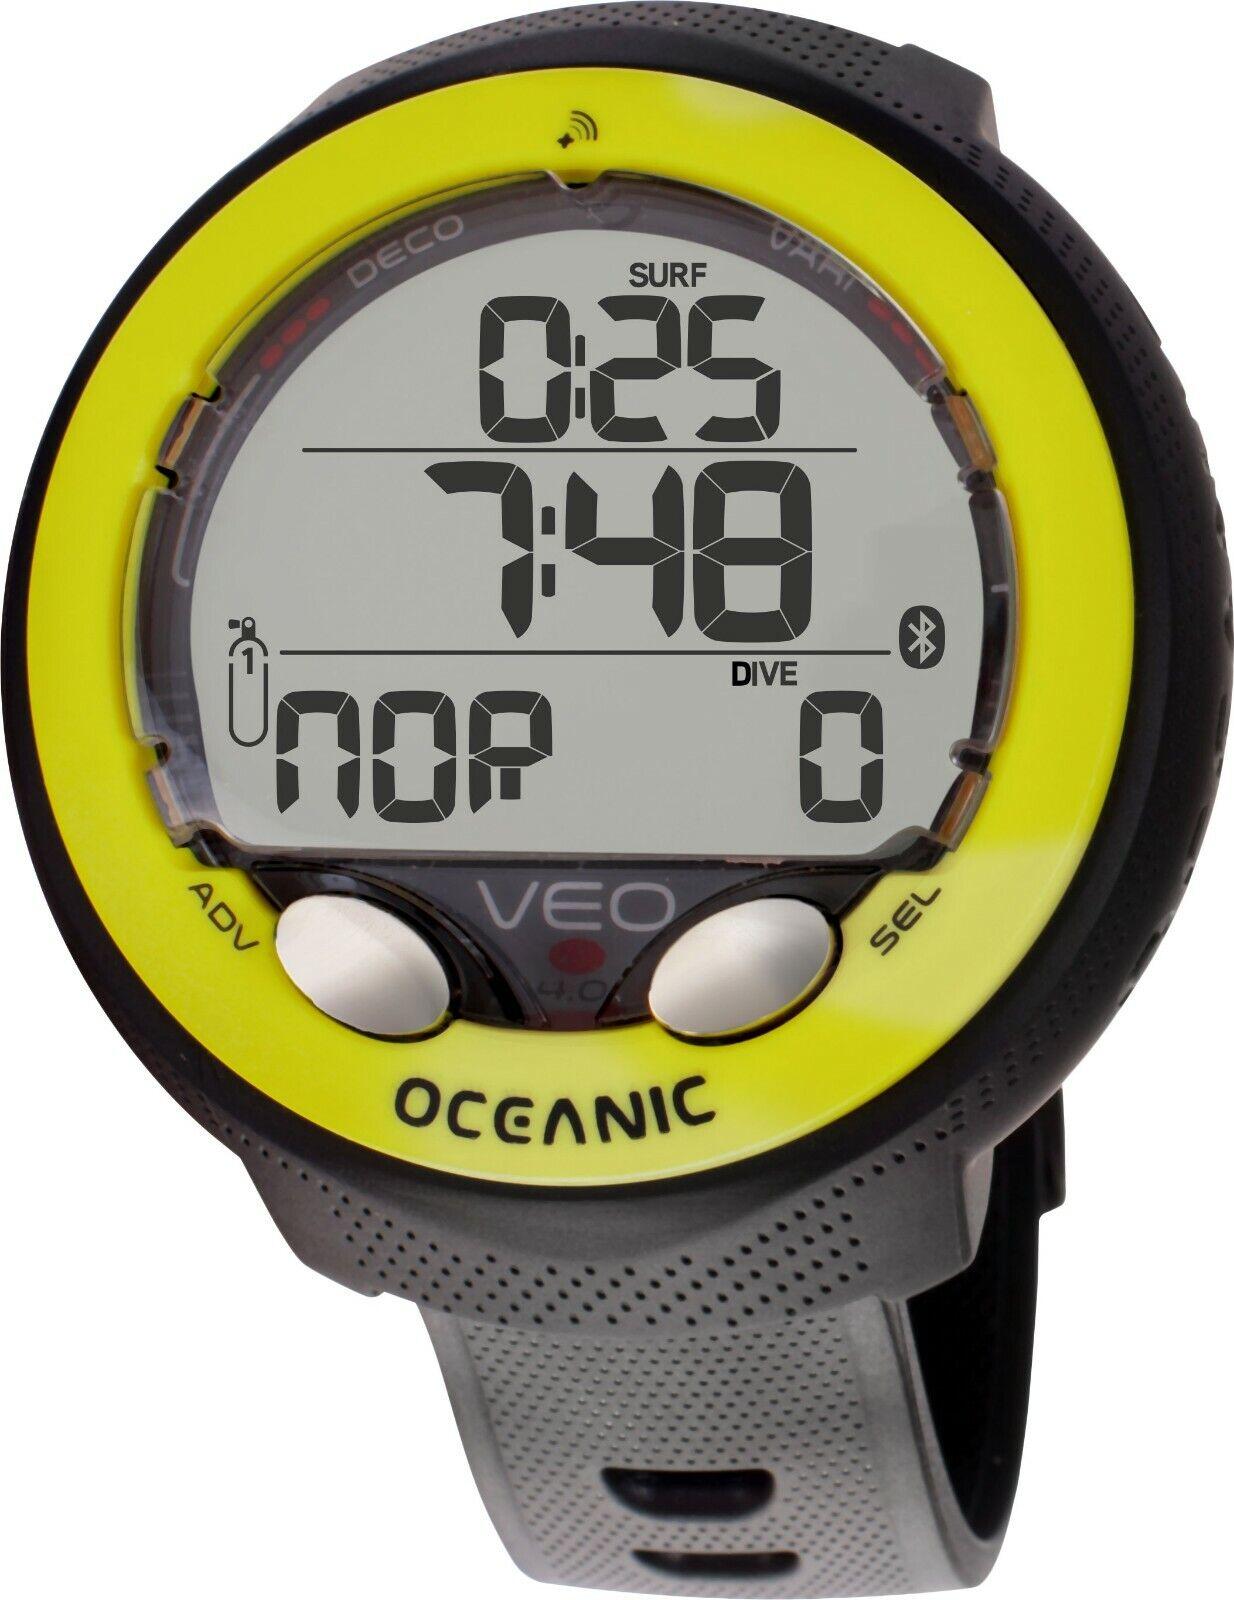 Oceanic Oceanic Oceanic Veo 4.0 Dive Computer 145a0d